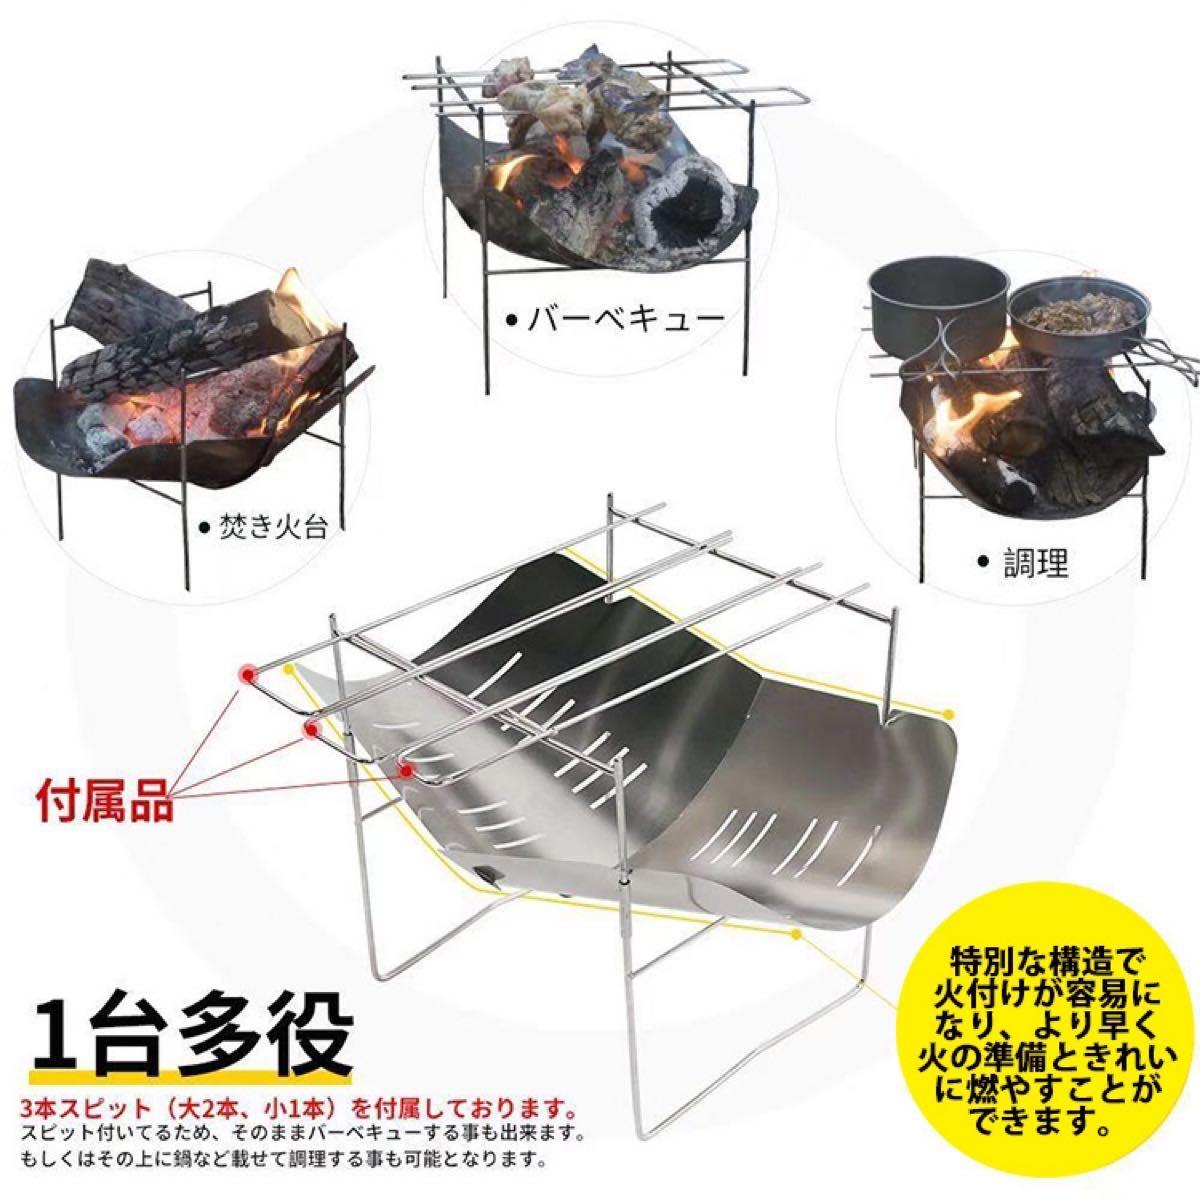 焚き火台 超人気 折り畳み式 頑丈で小型 バーベキューコンロ スピット3本付き ソロキャンプ A4サイズ